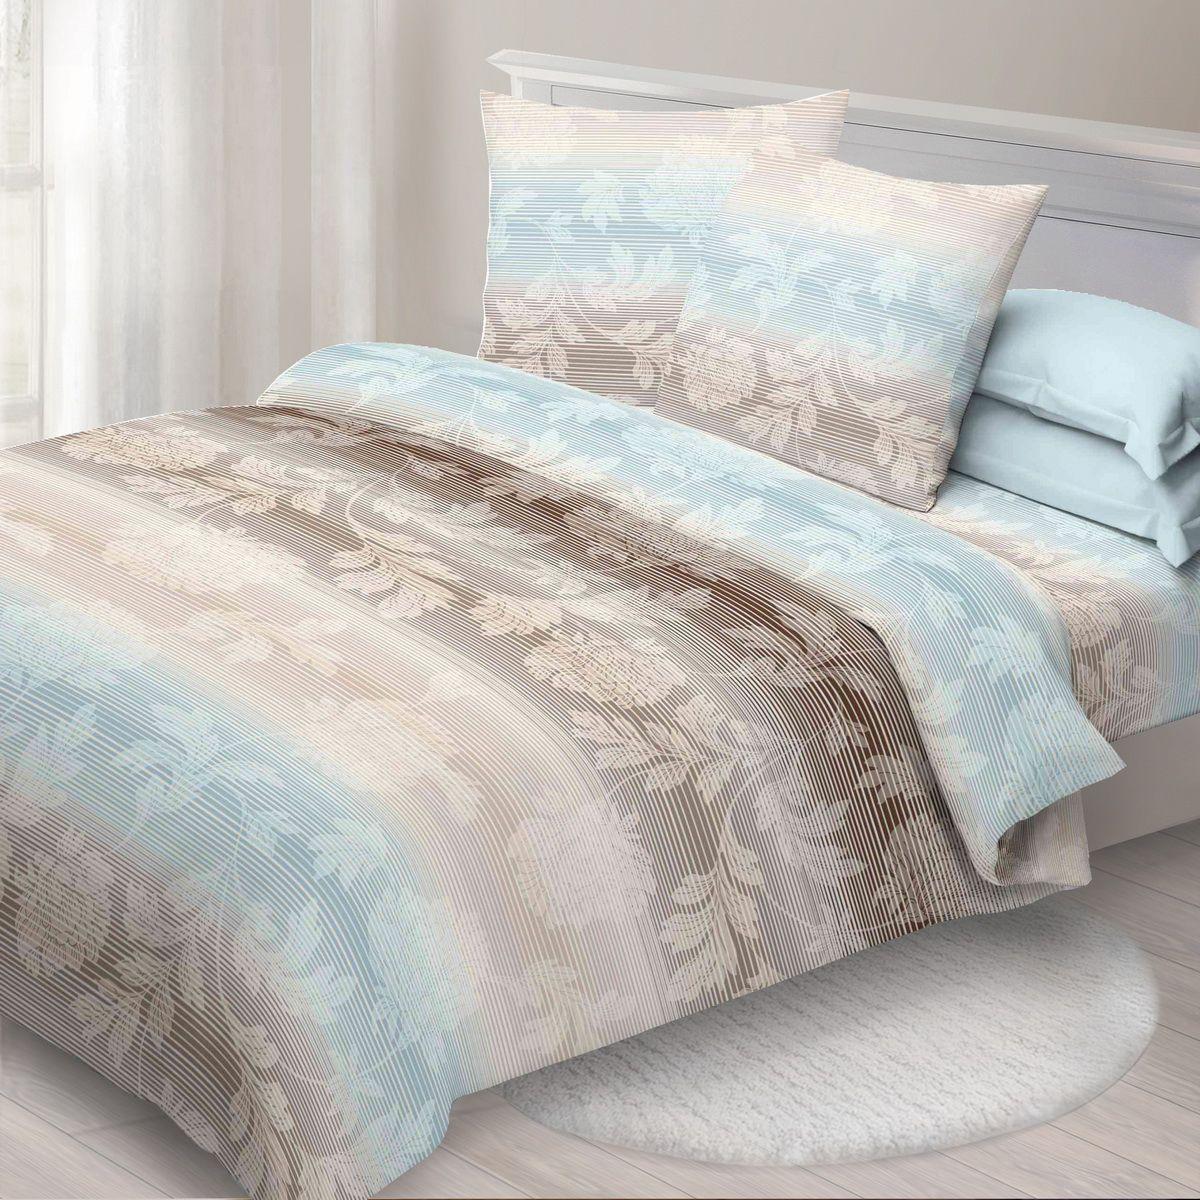 Комплект белья Спал Спалыч Агат, 1,5-спальное, наволочки 70x70, цвет: голубой91360Спал Спалыч - недорогое, но качественное постельное белье из белорусской бязи. Актуальные дизайны, авторская упаковка в сочетании с качественными материалами и приемлемой ценой - залог успеха Спал Спалыча! В ассортименте широкая линейка домашнего текстиля для всей семьи - современные дизайны современному покупателю! Ткань обработана по технологии PERFECT WAY - благодаря чему, она становится более гладкой и шелковистой. • Бязь Барановичи 100% хлопок • Плотность ткани - 125 гр/кв.м.